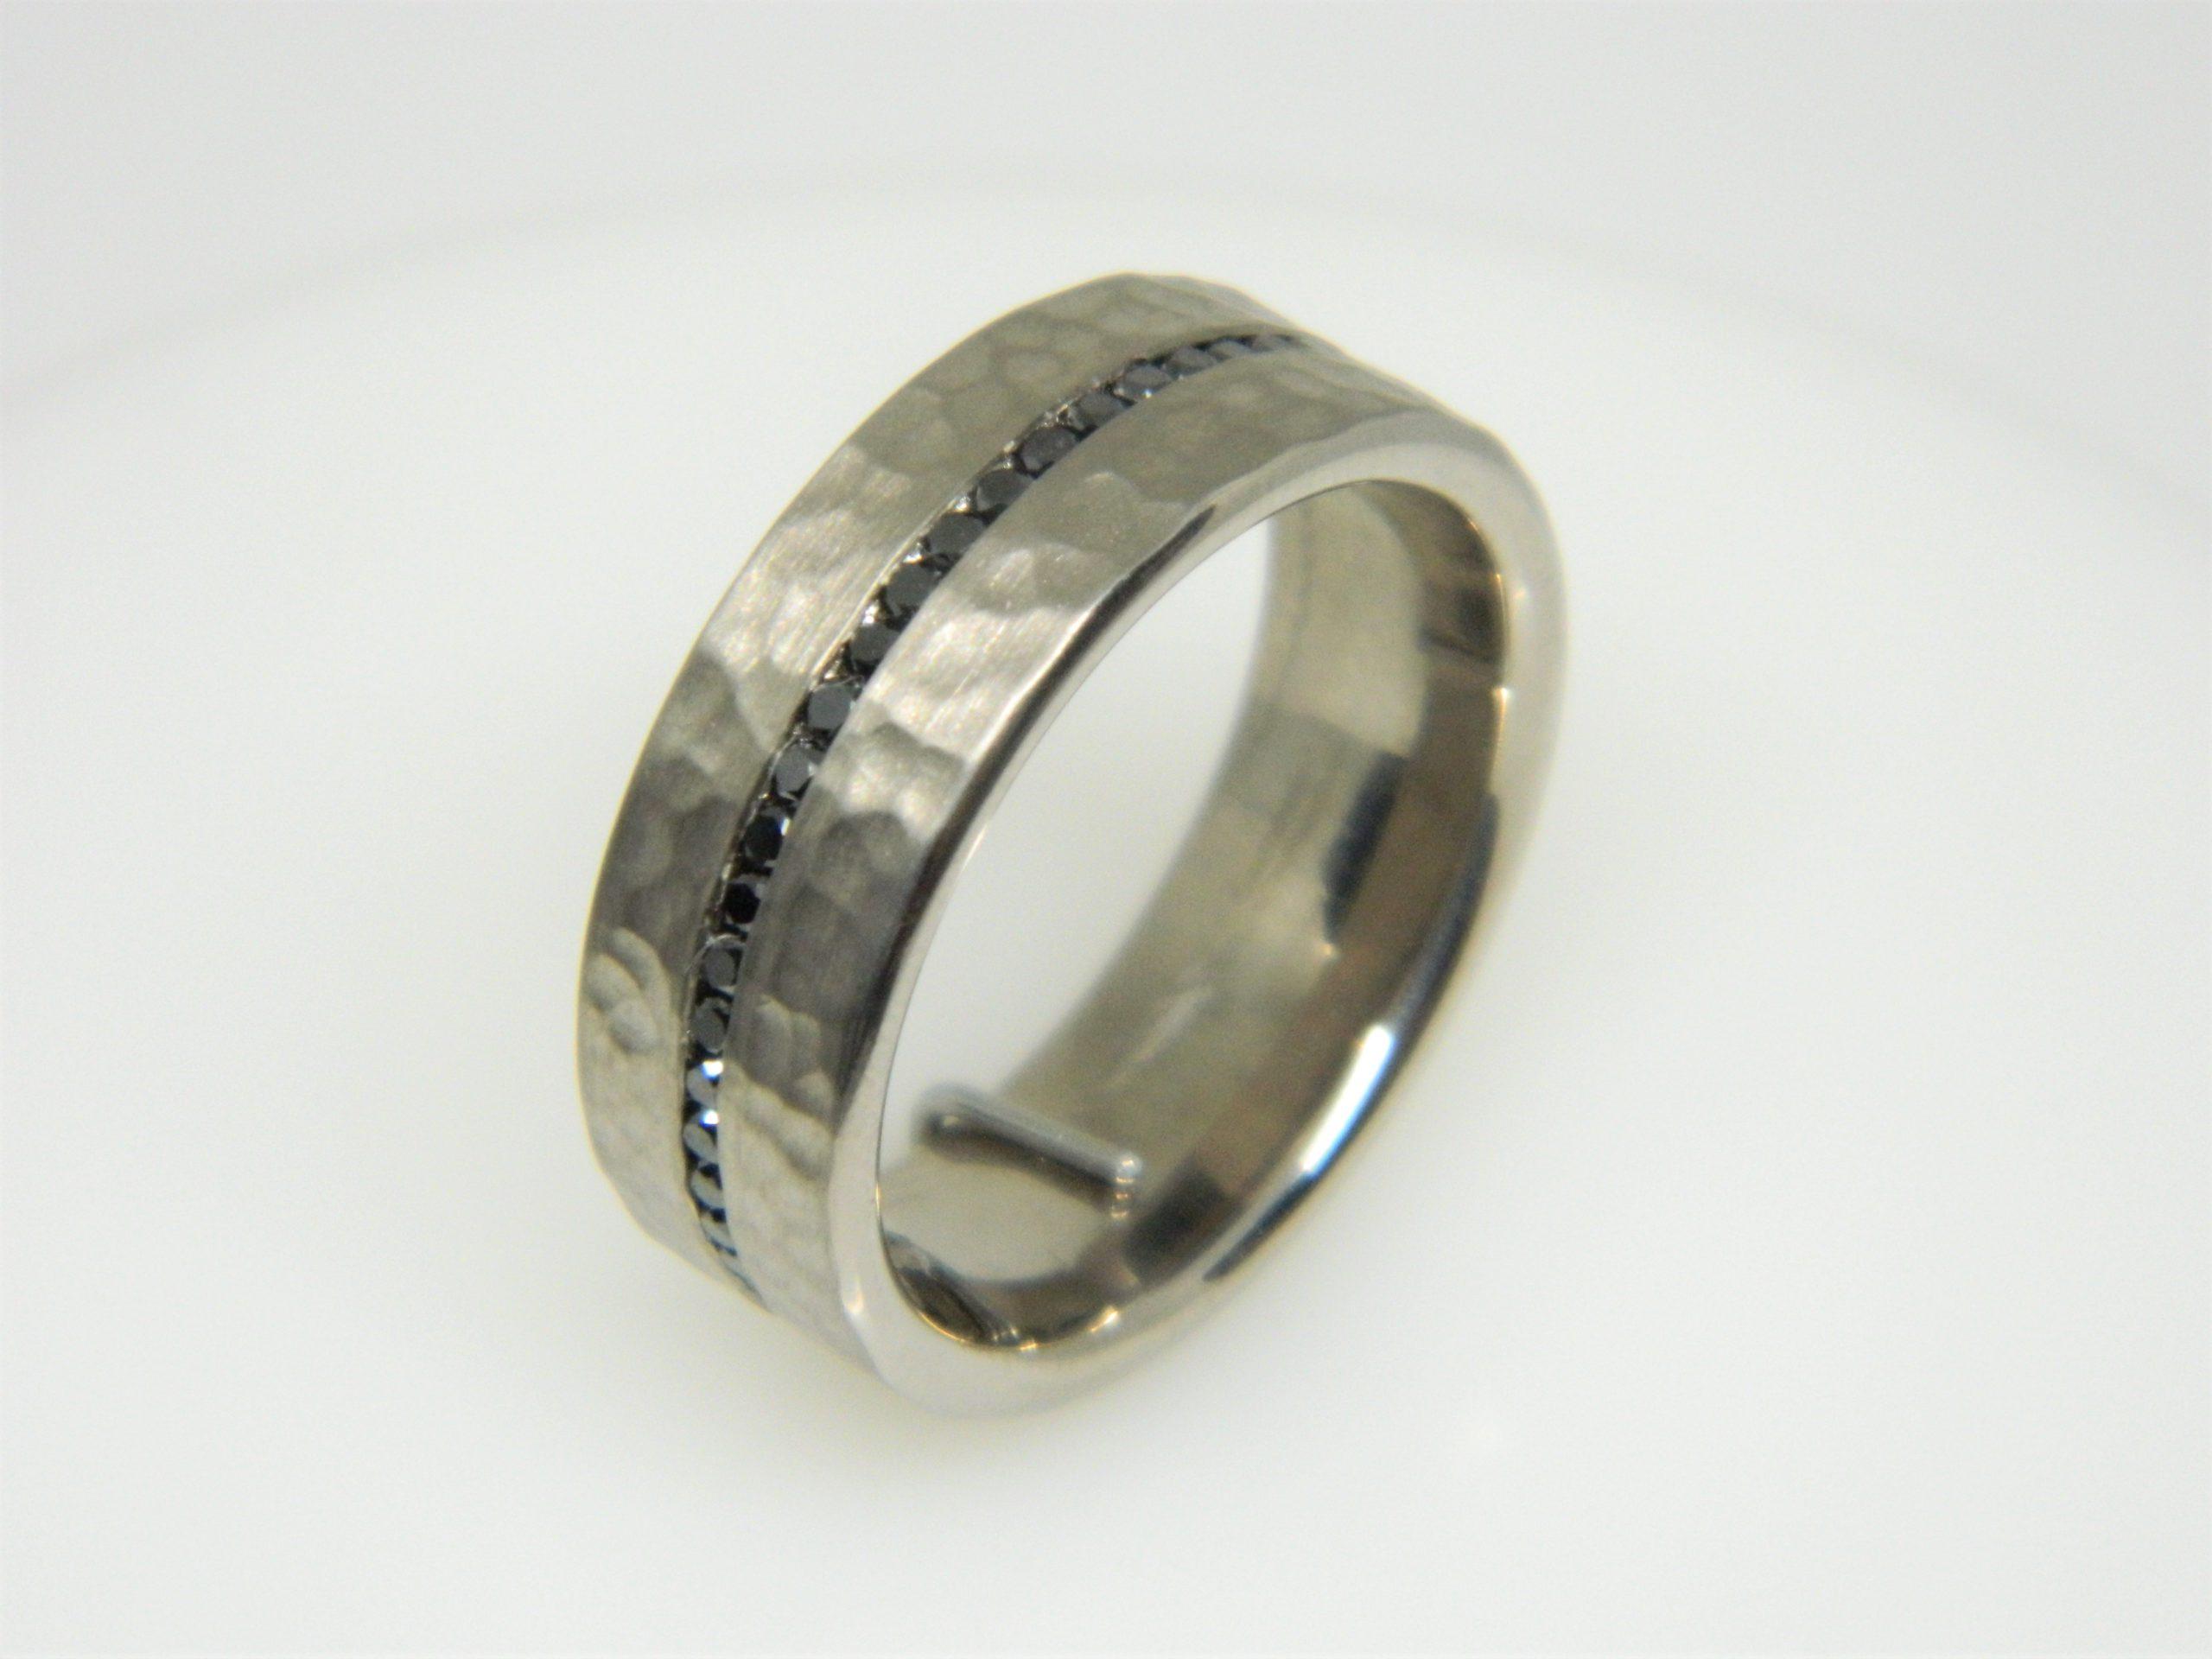 14 Karat Grey Gold Band Mounted Ring with Round Cut Black Diamonds weighing 0.60ct - Size 10